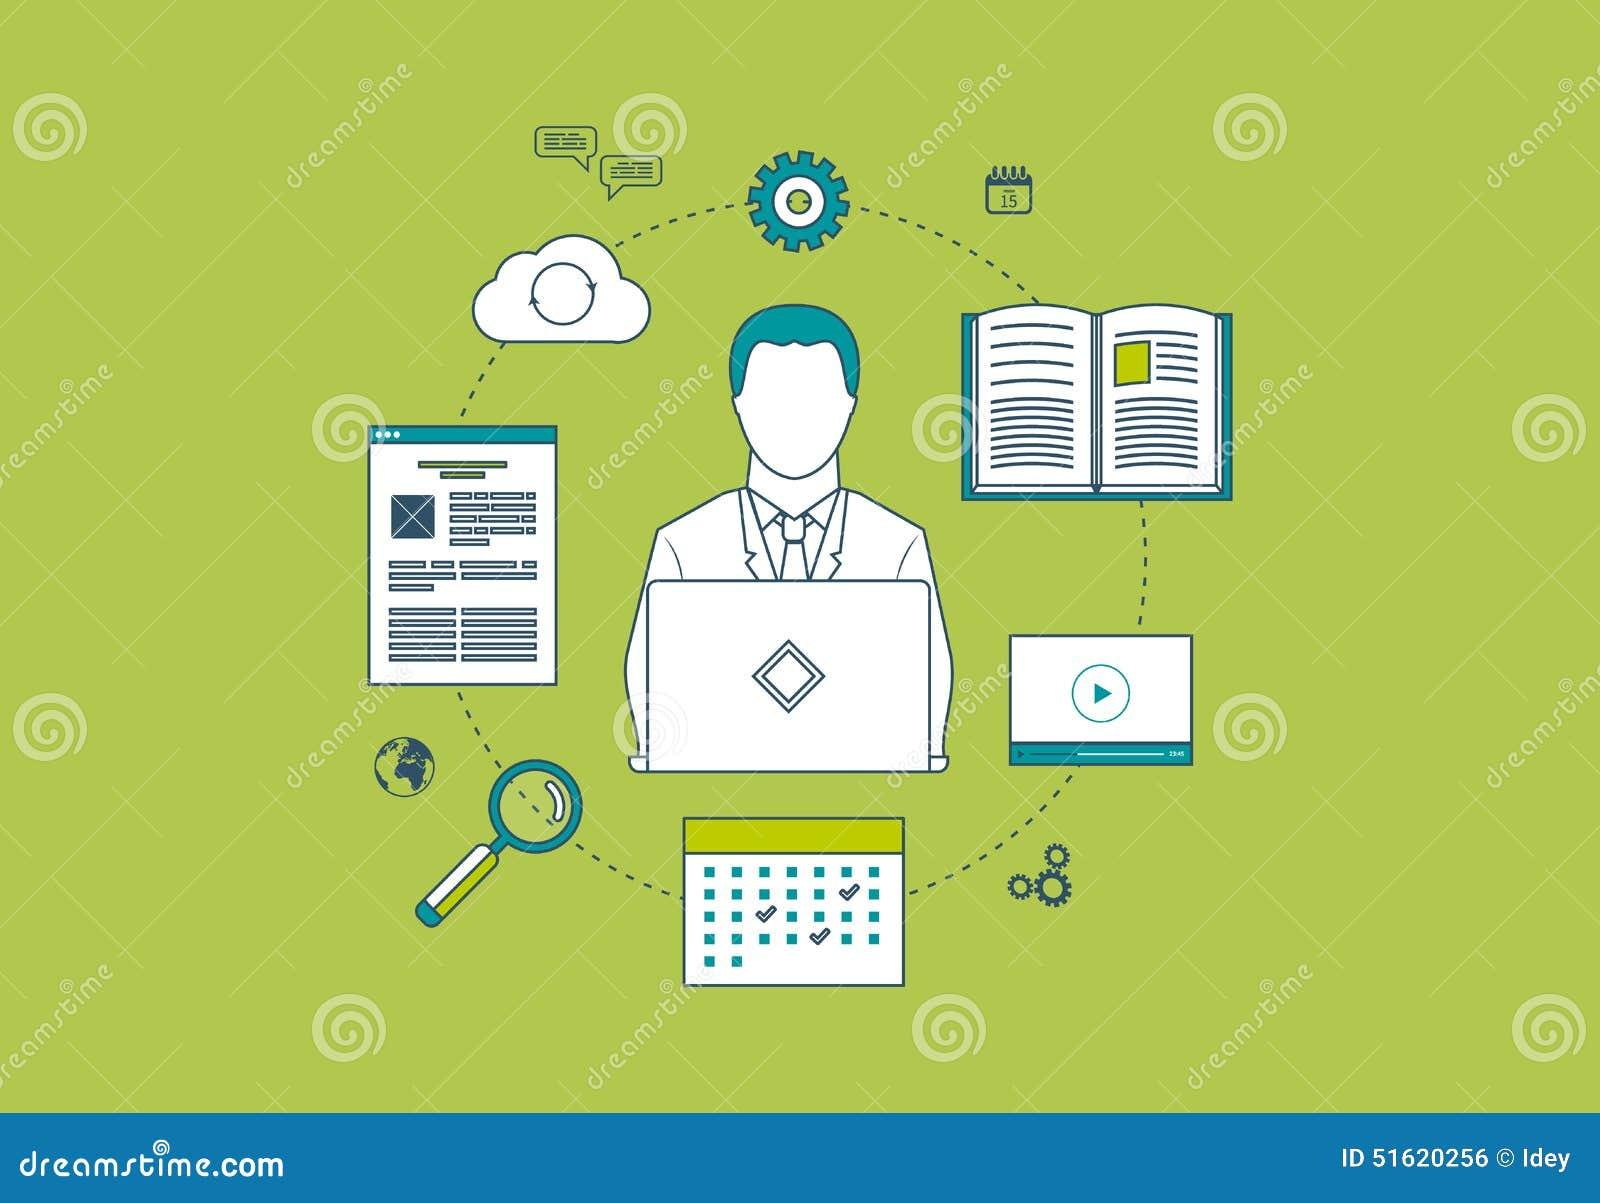 咨询服务的概念,项目管理